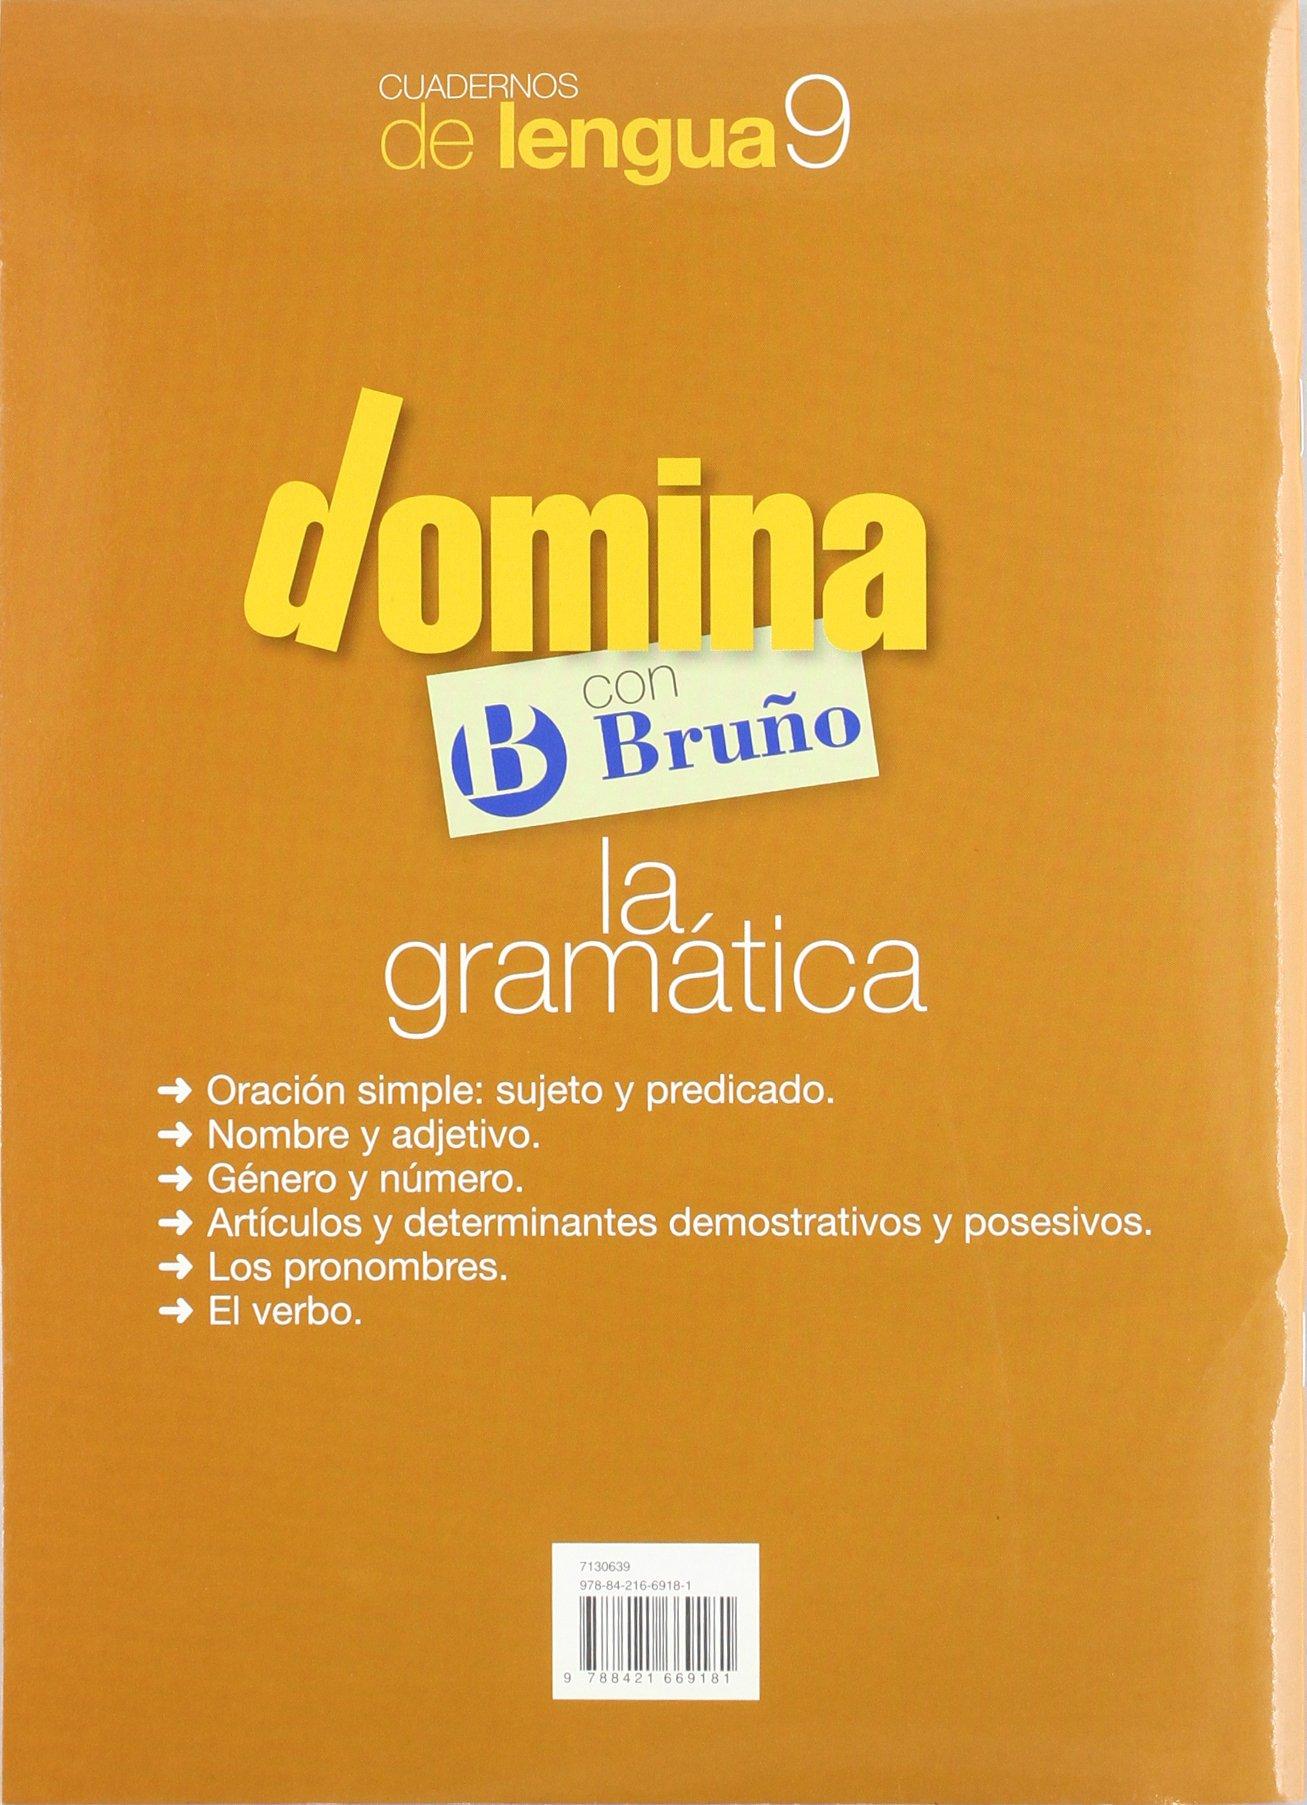 Cuadernos Domina Lengua 9 Gramática 3 Castellano - Material Complementario - Cuadernos De Lengua Primaria - 9788421669181: Amazon.es: Juan Cruz Martínez: ...